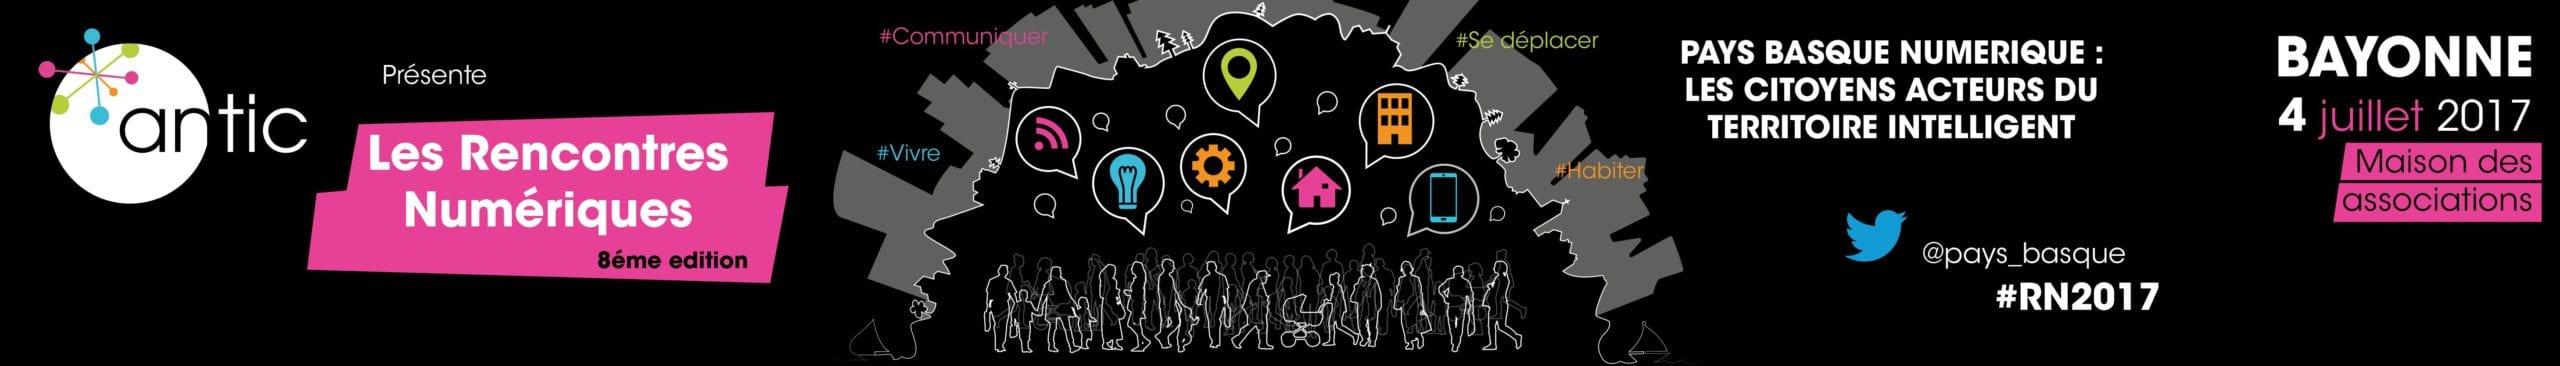 Rencontres numériques Bayonne